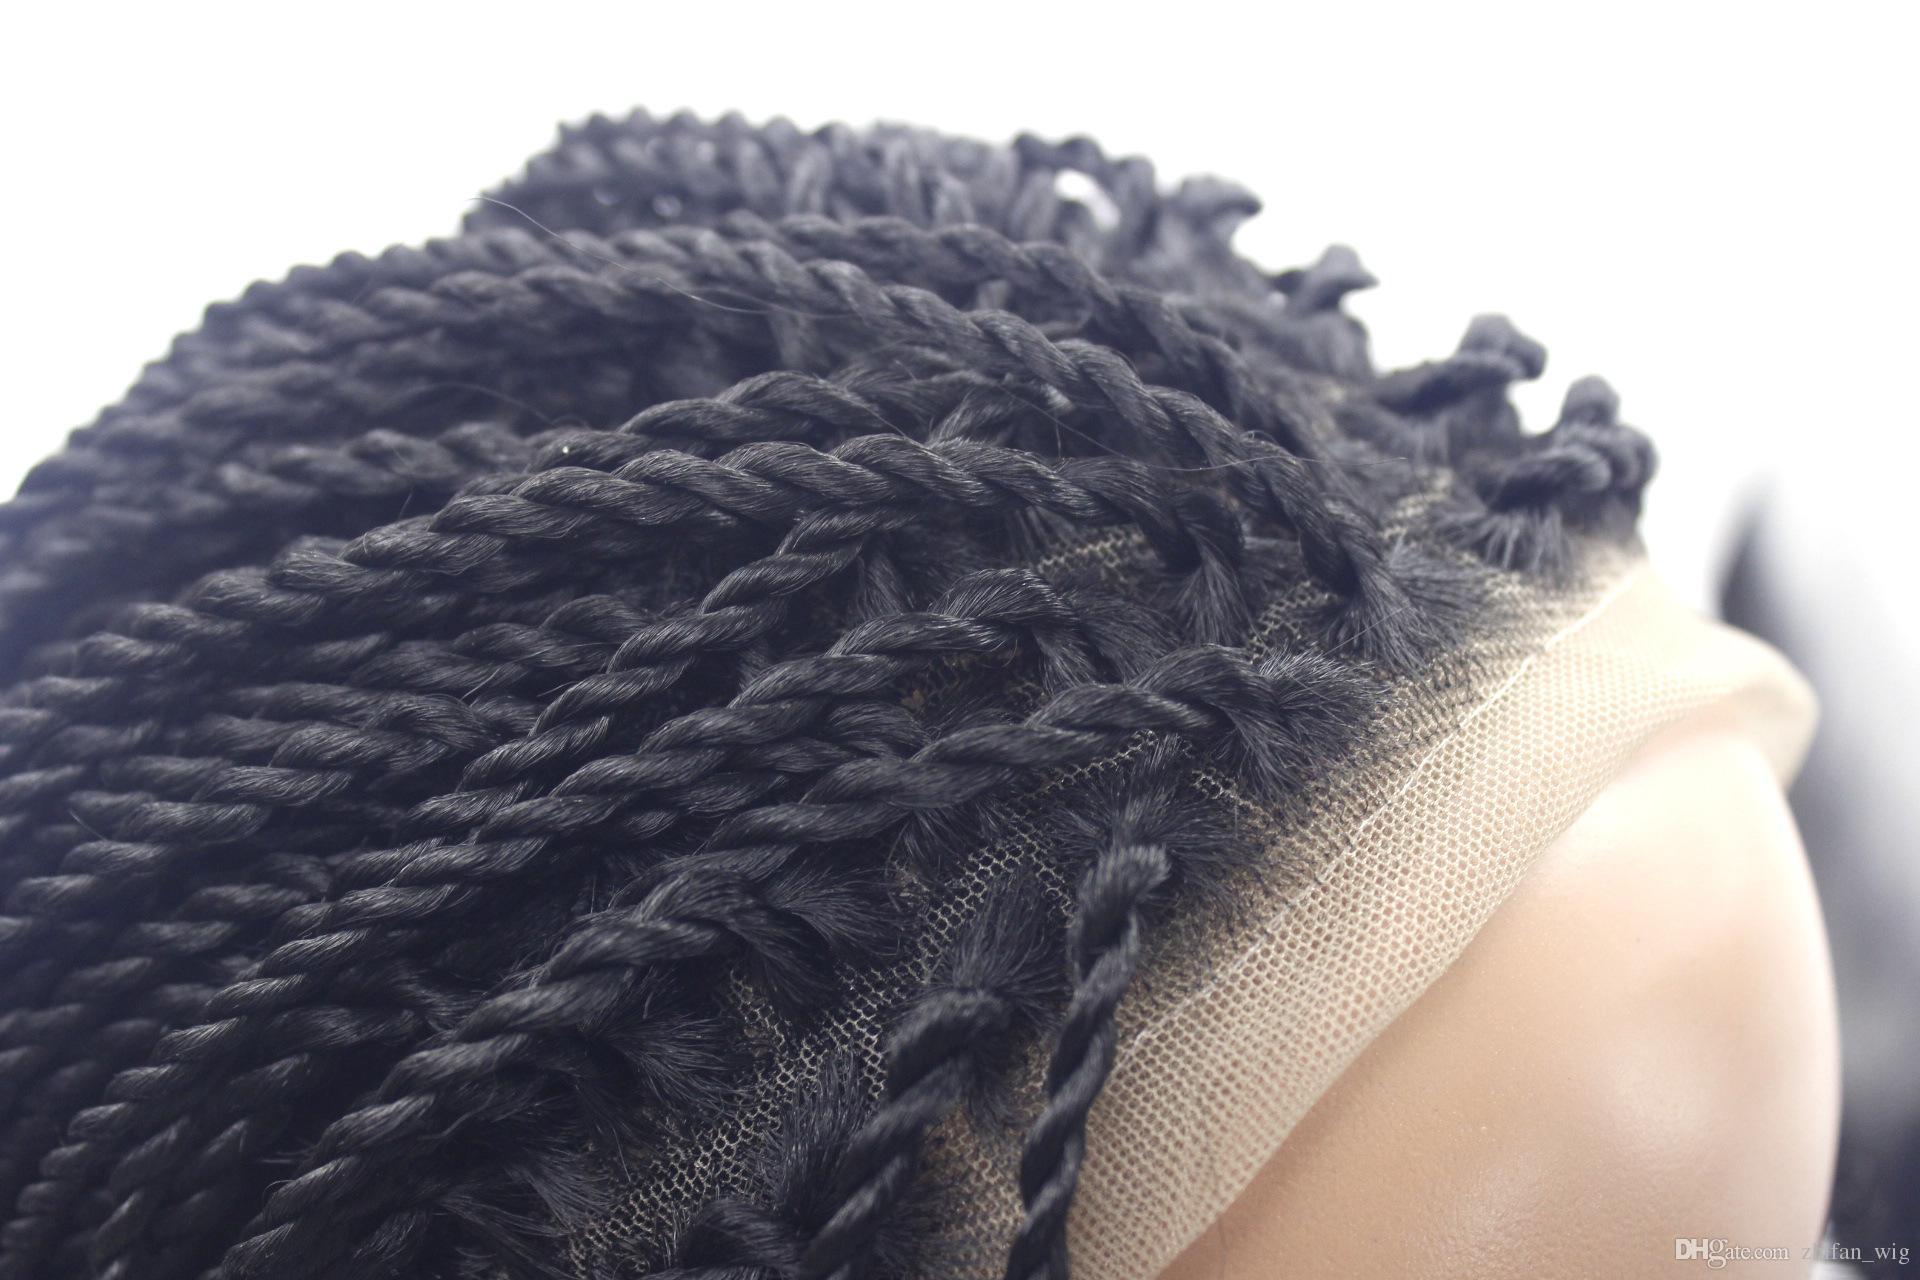 ZhiFan torção trança de cabelo estilos dupla torção tranças penteados 26 polegadas longo tecelagem sites de cabelo artesanal de rendas frente perucas de cabelo DHL LIVRE